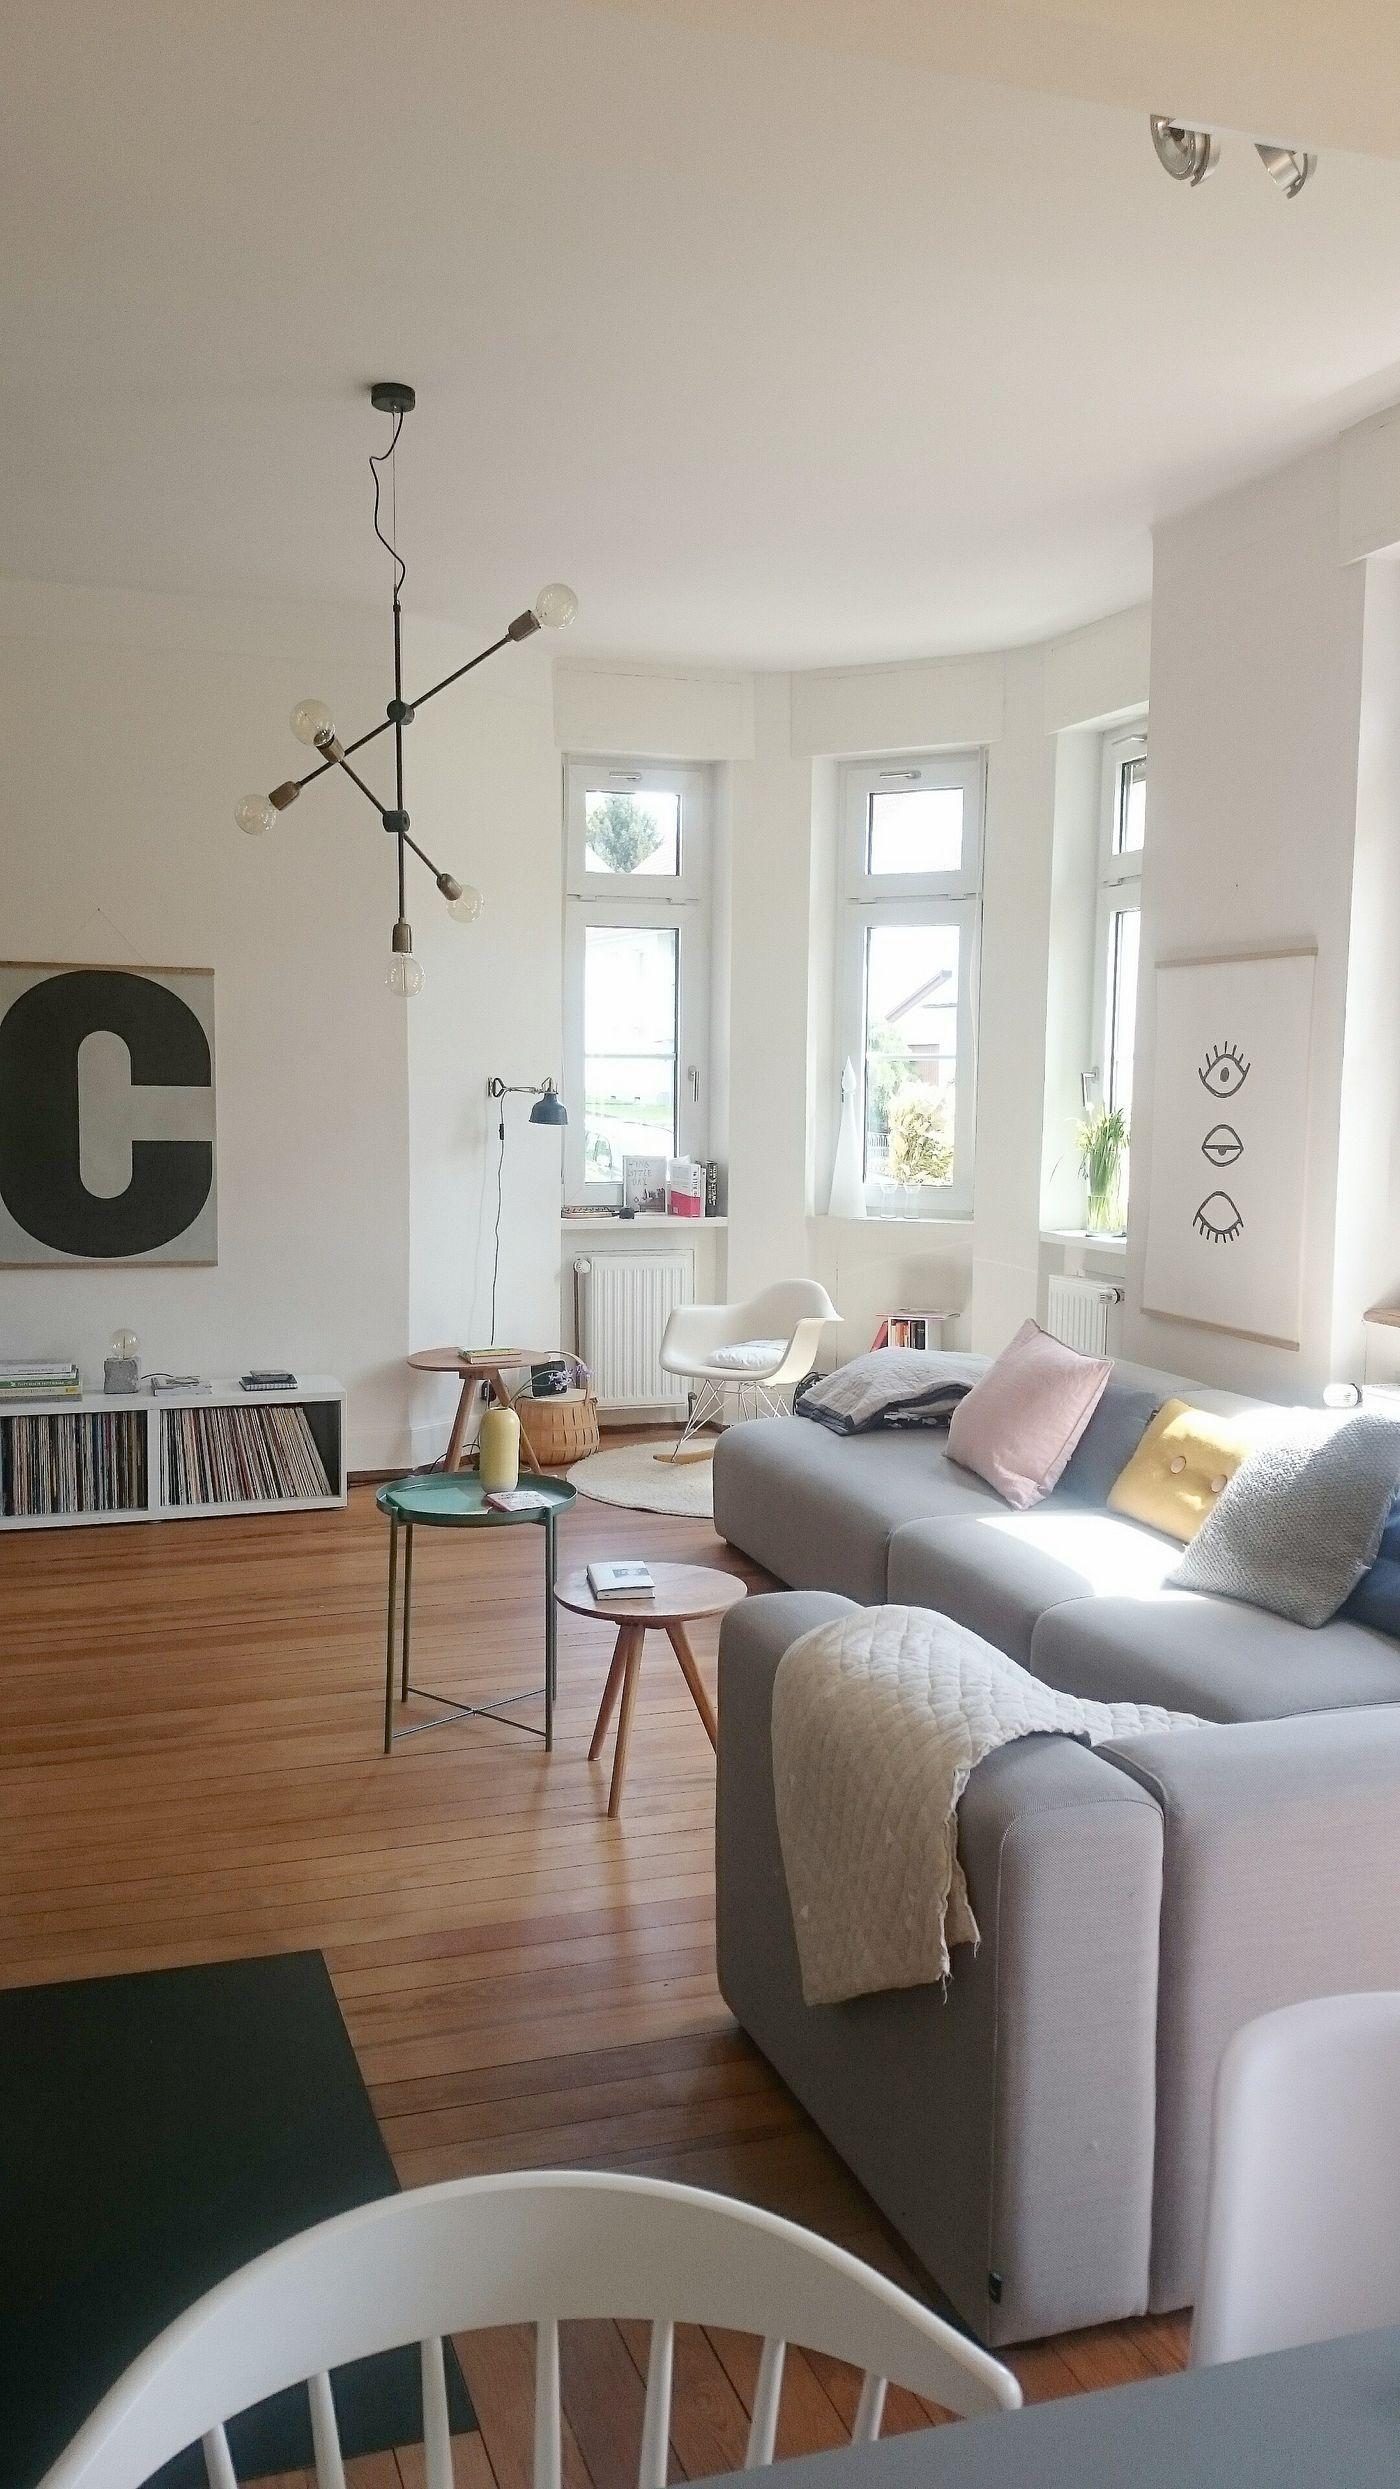 Wohnzimmer Erker Einrichten Kuche Nische Wand Ikea Glas Ruckwand